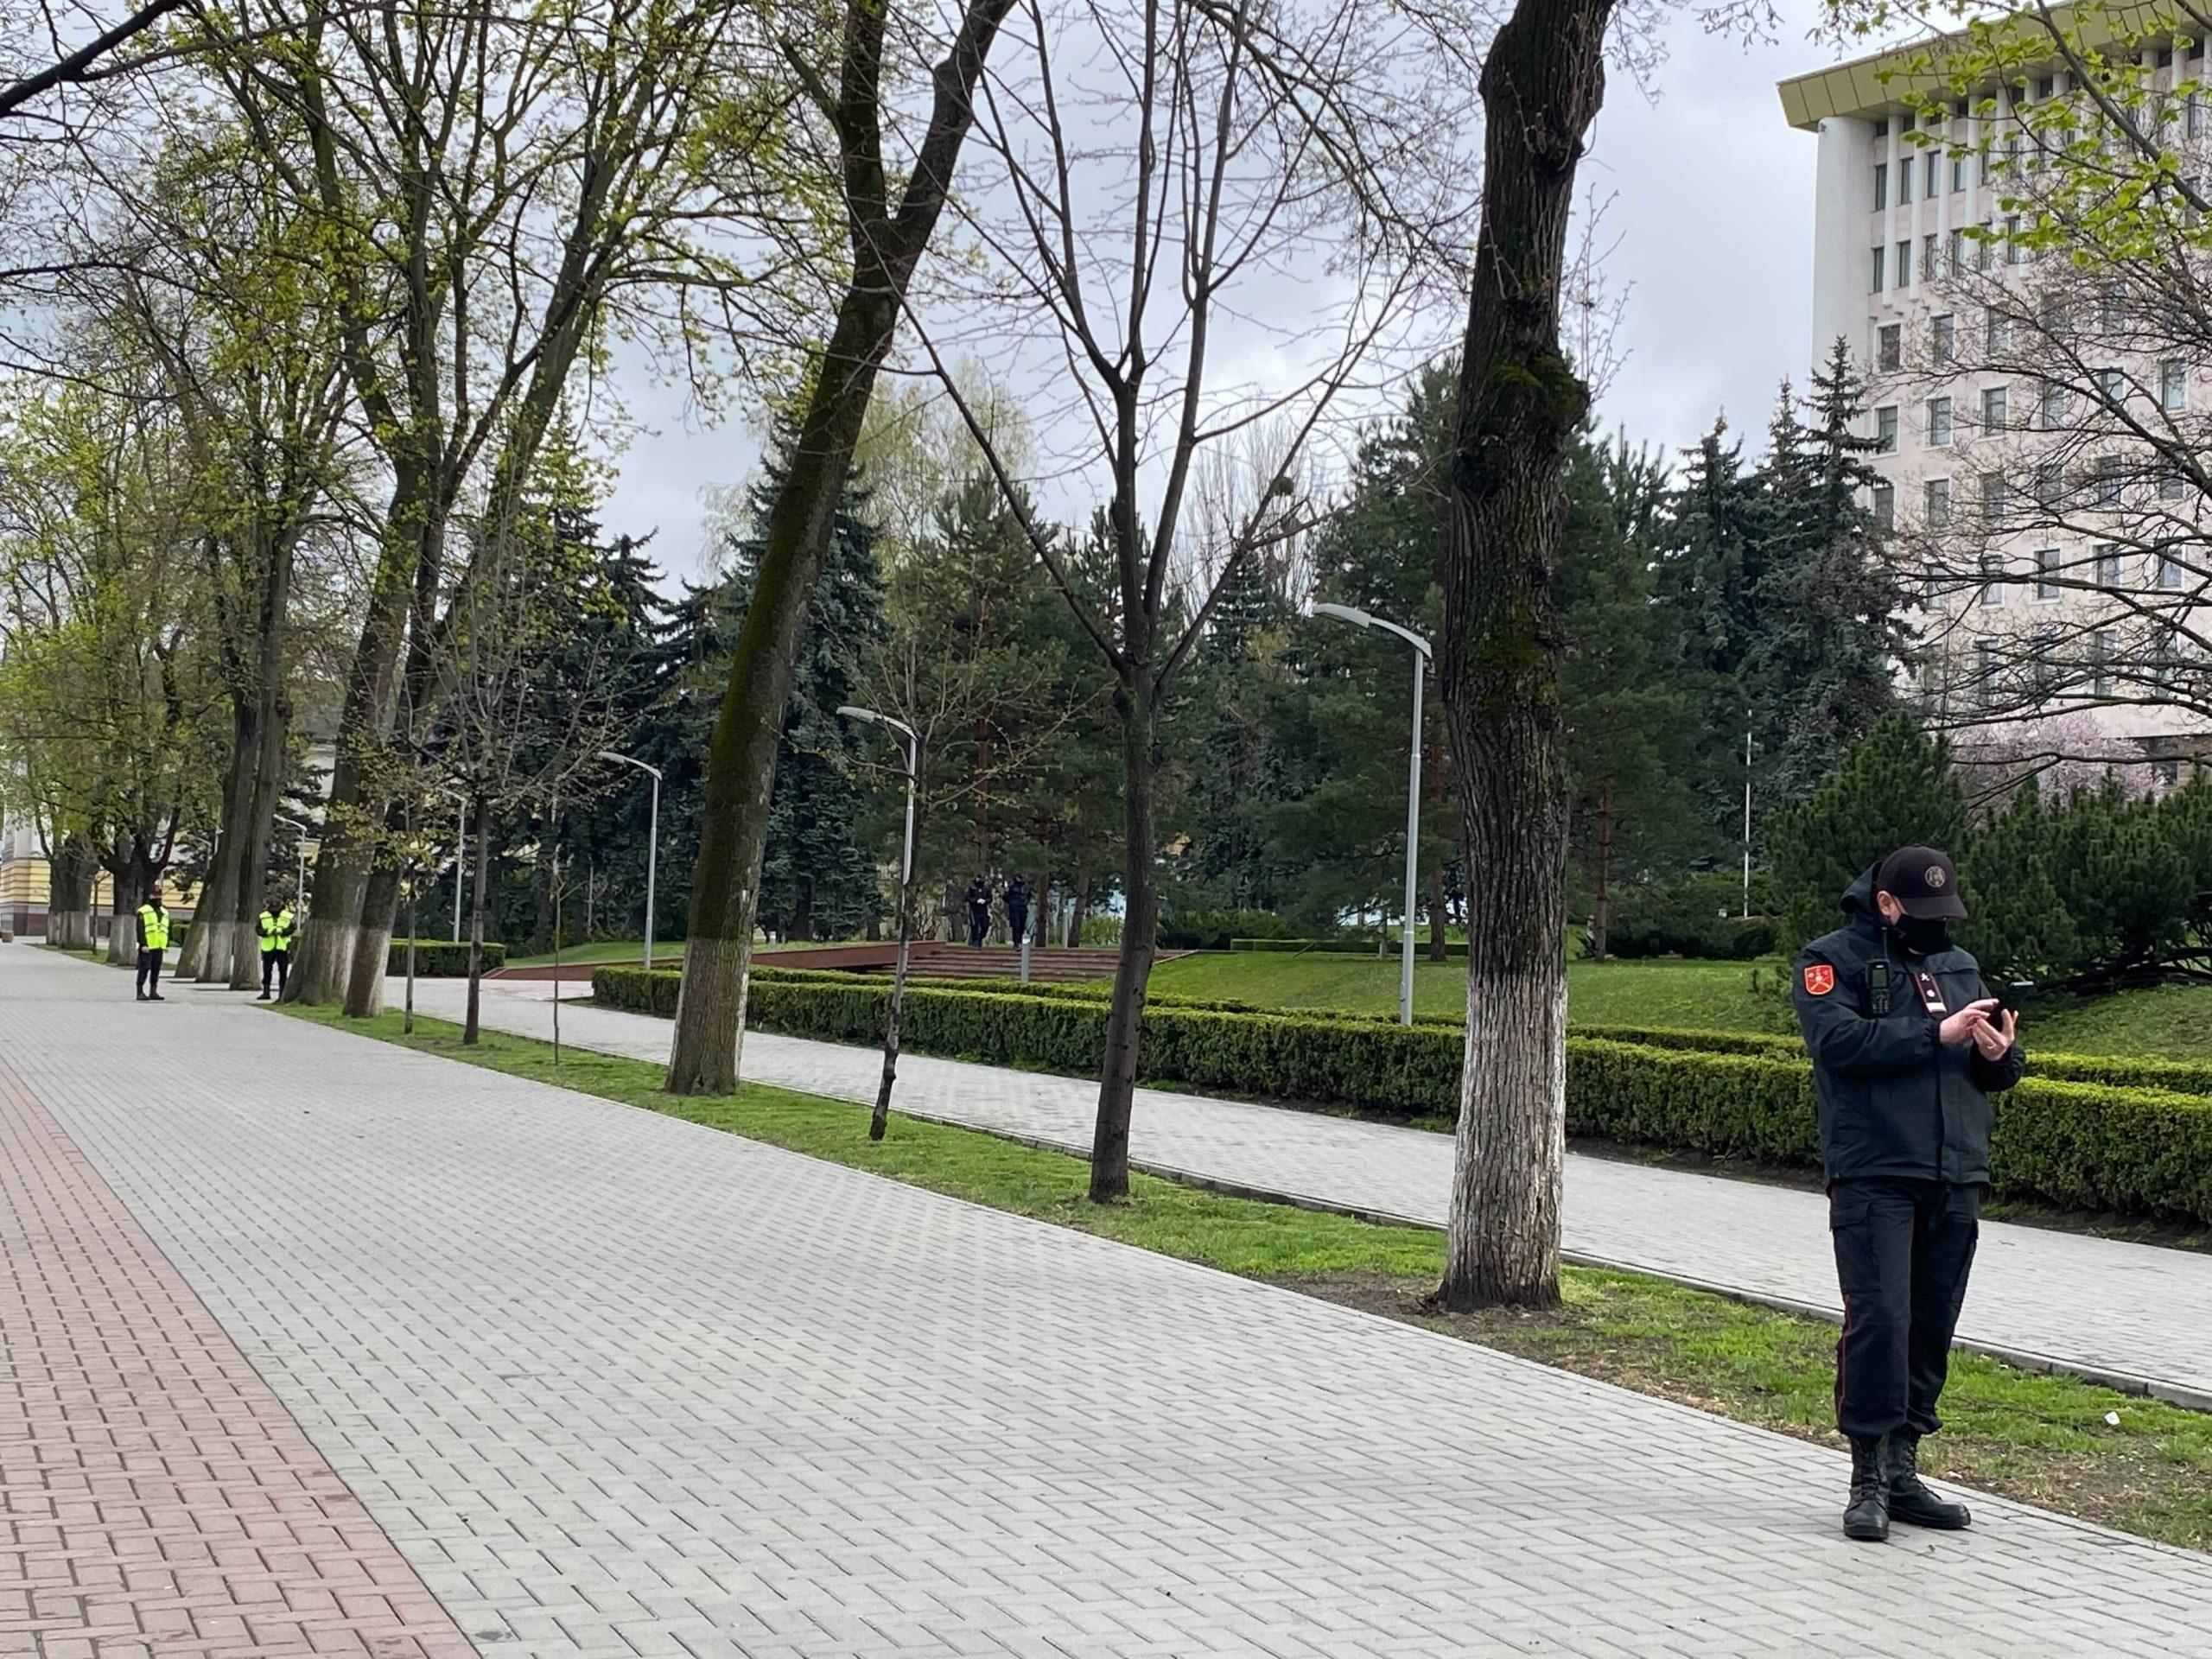 ВКишиневе к зданию парламента прибыли карабинеры (ФОТО)